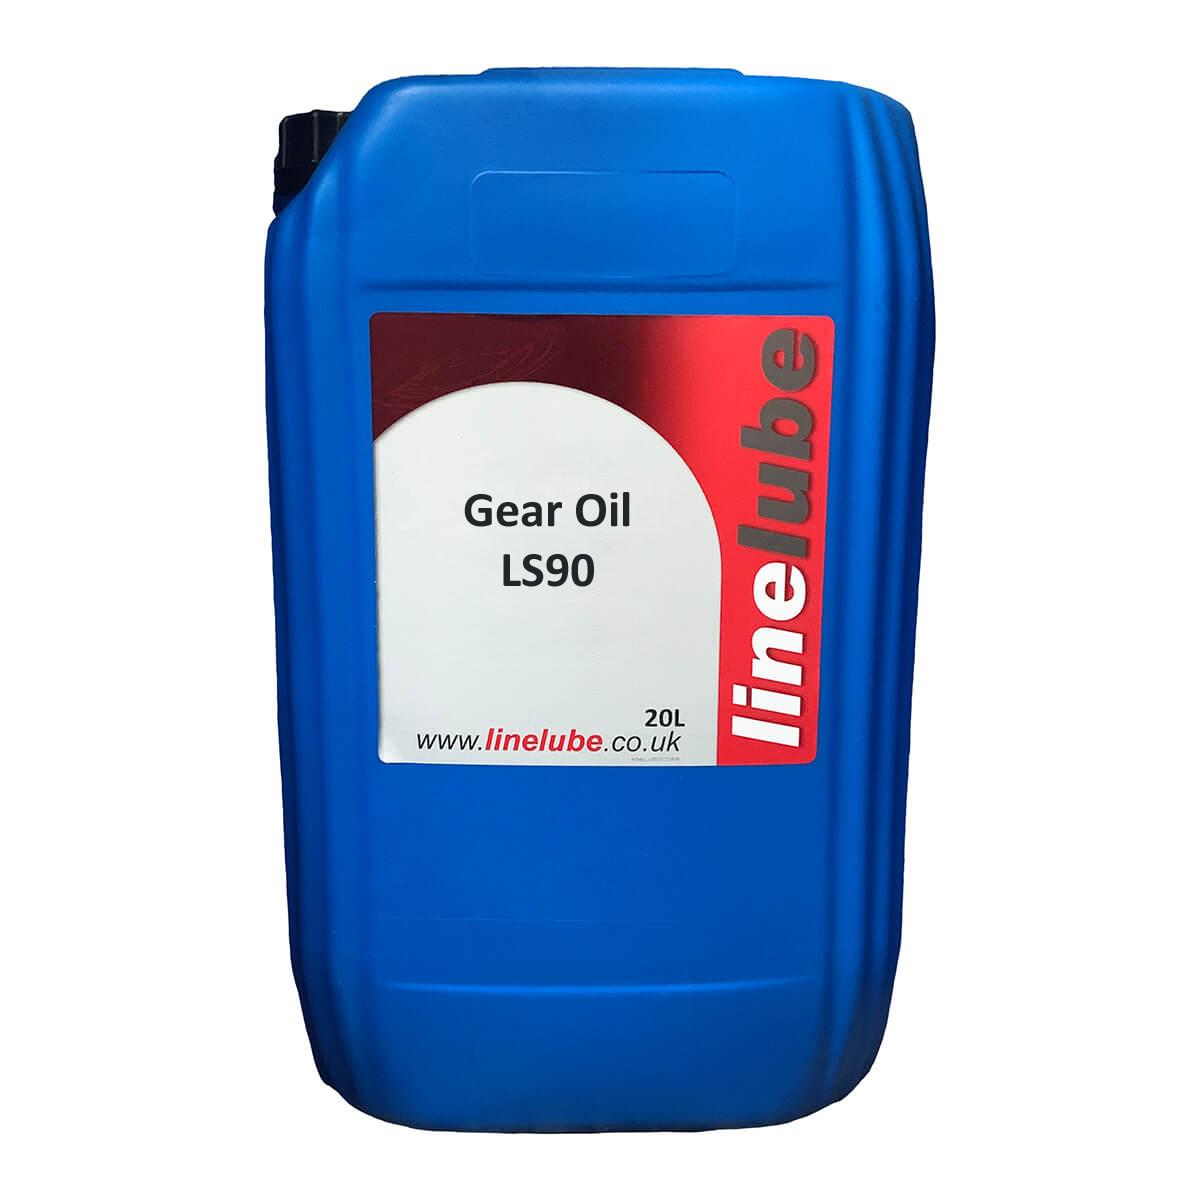 Linelube Gear Oil LS90